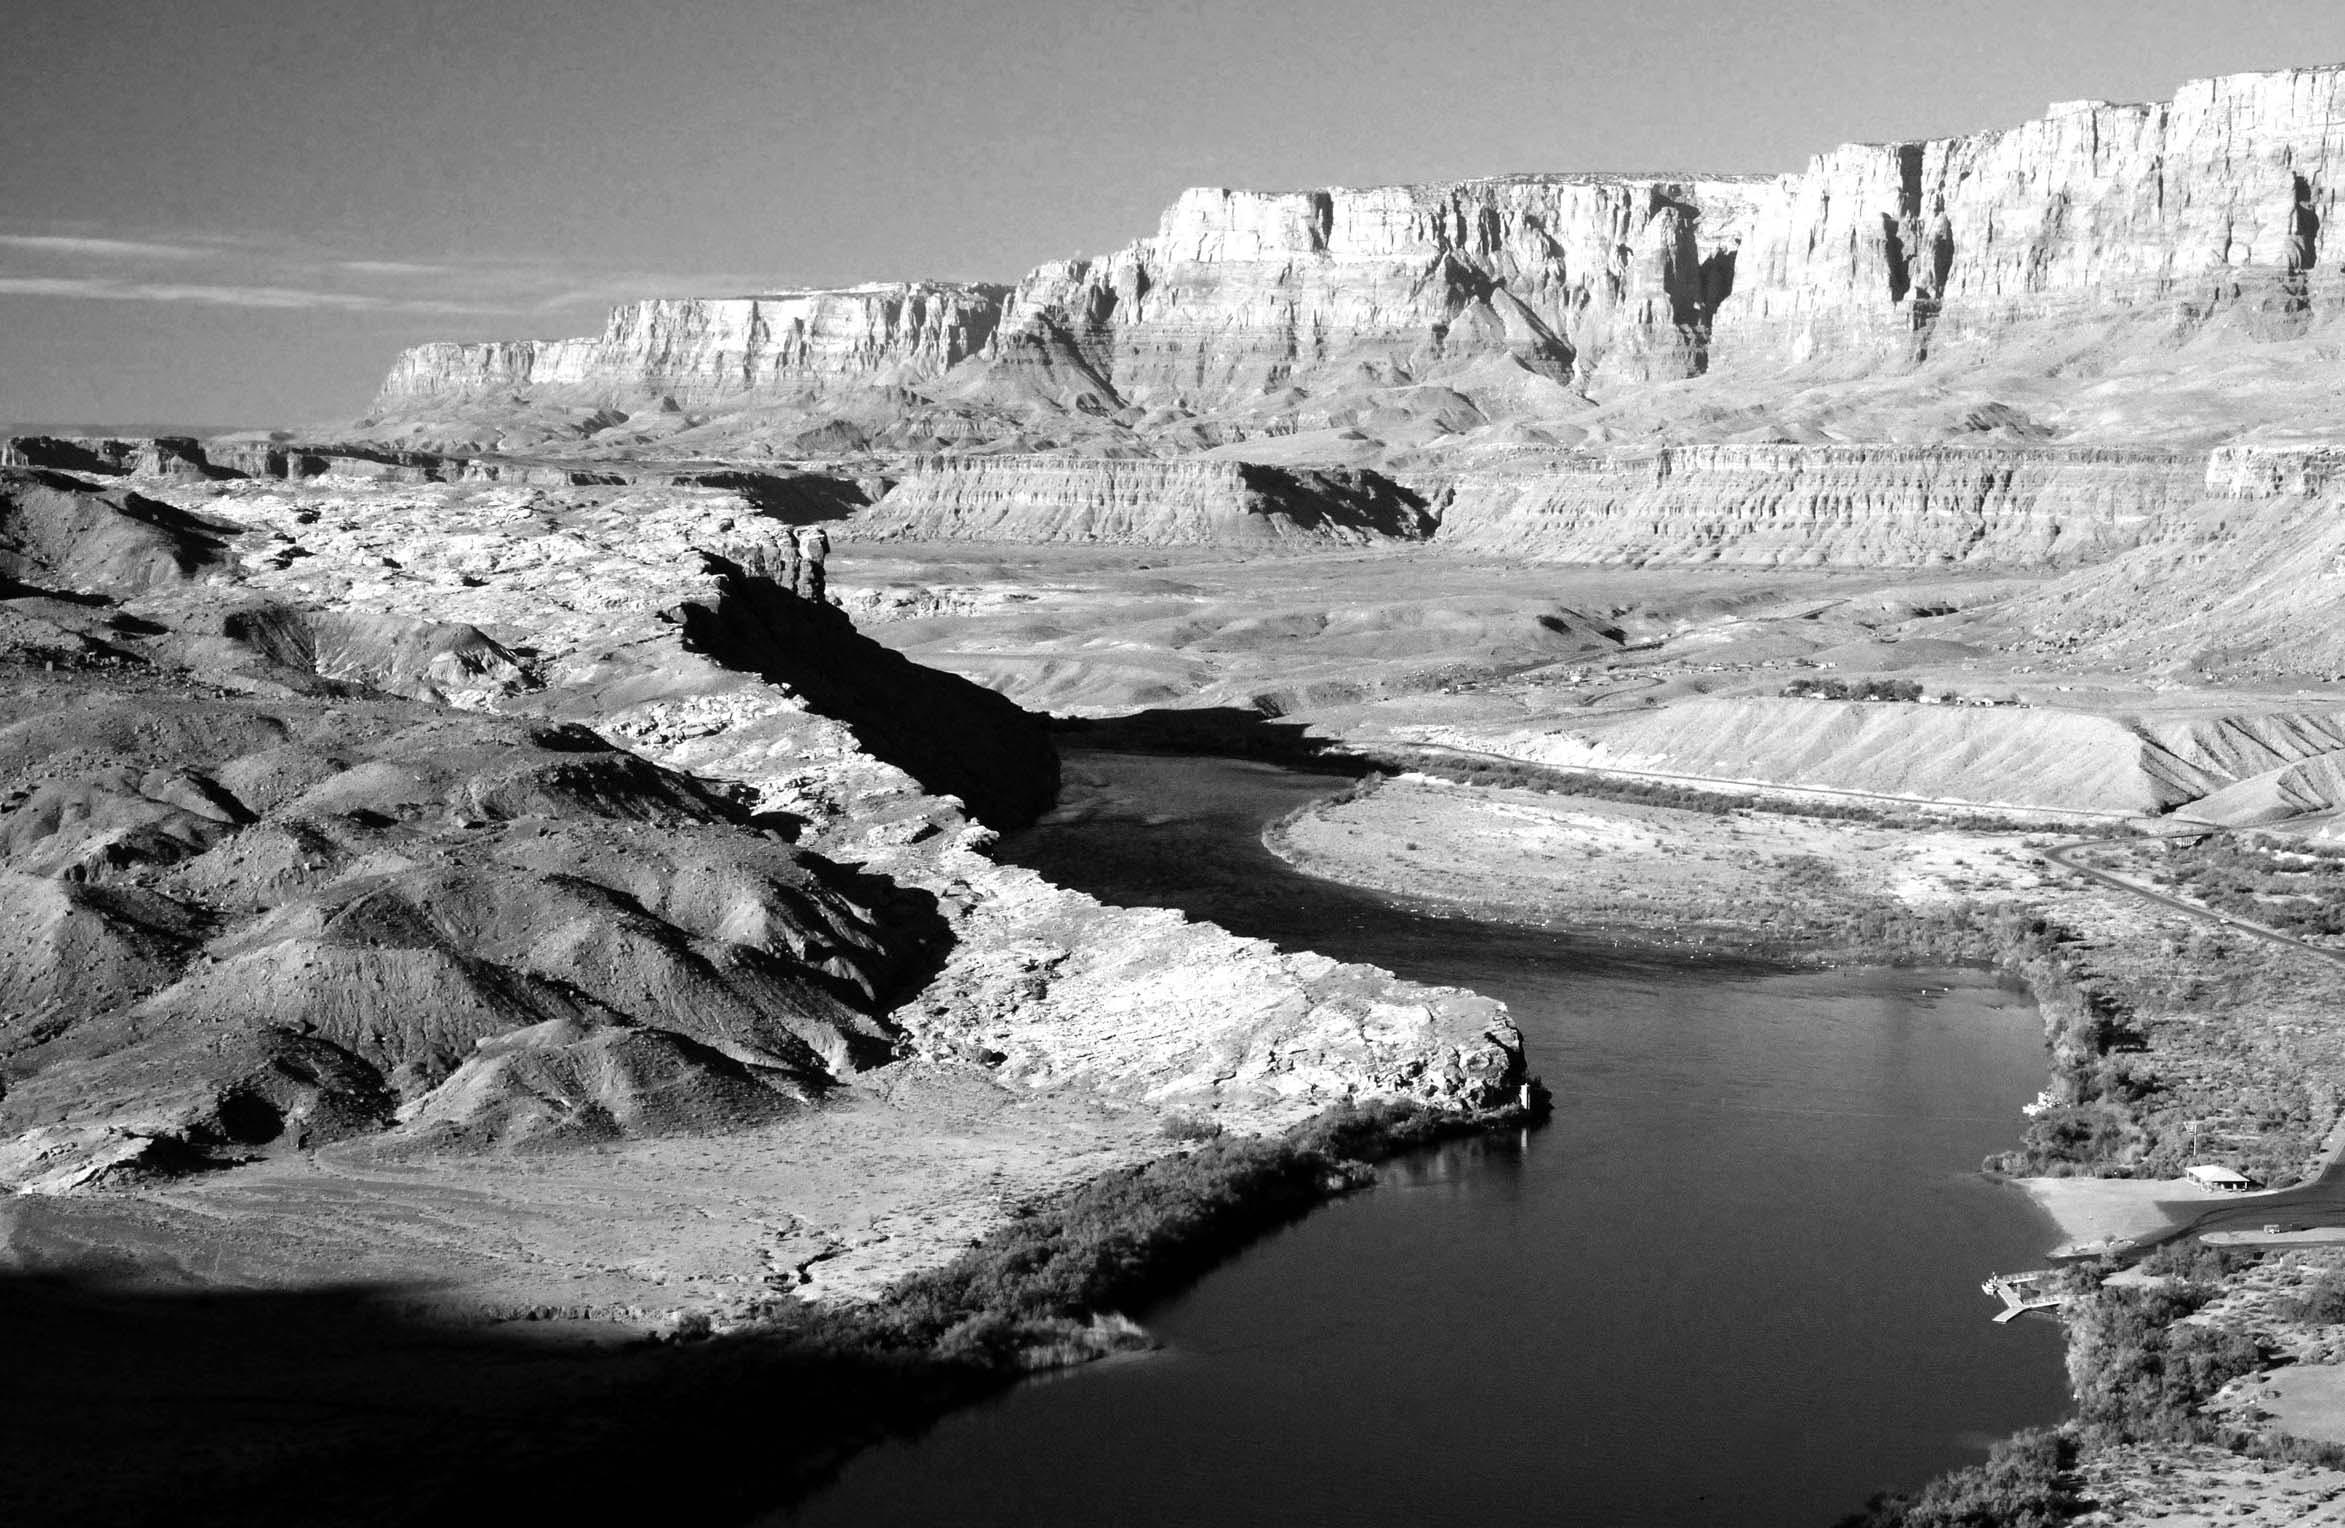 天性, 景觀, 水, 美景 的 免费素材照片